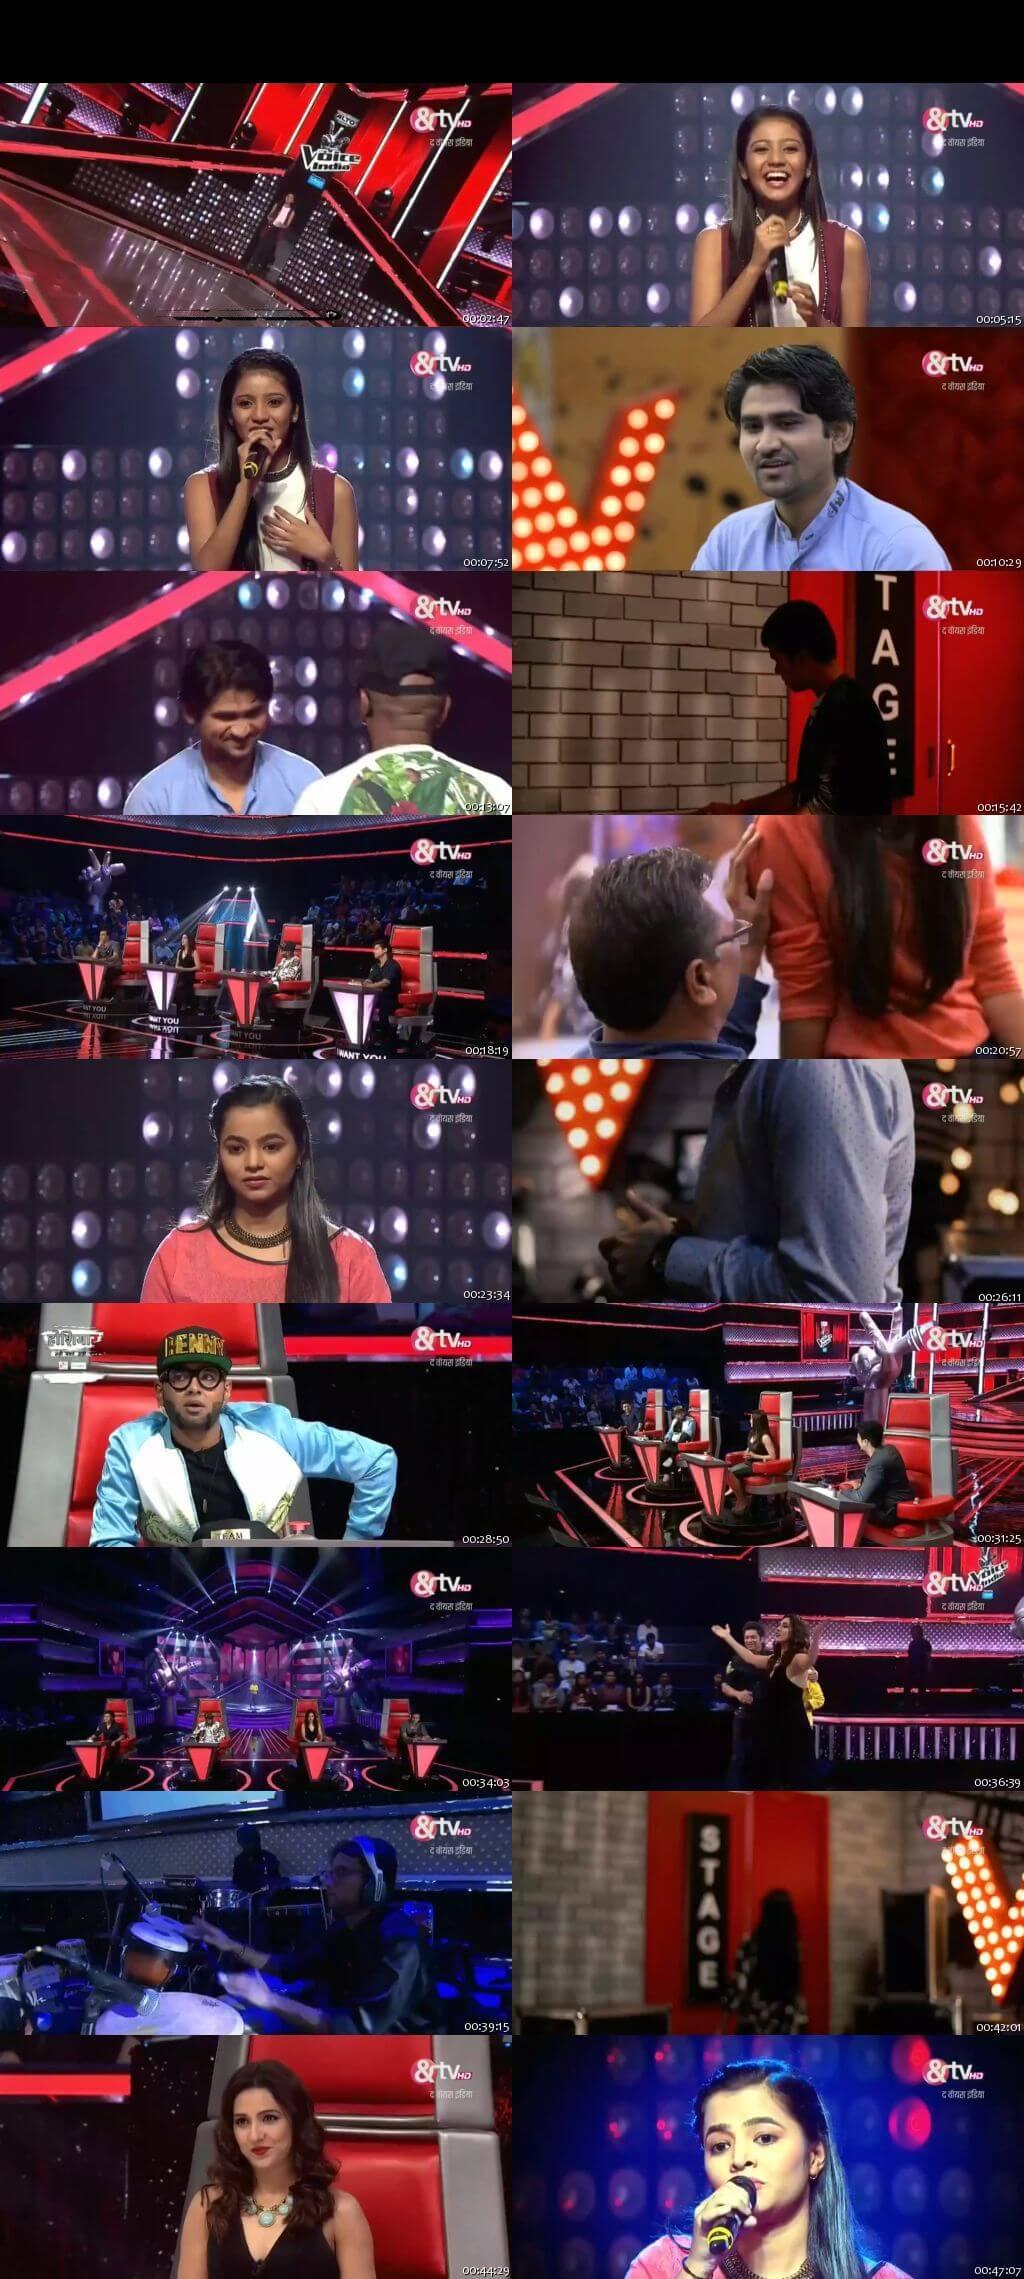 The Voice India Season 2 7 January 9 576p 200MB